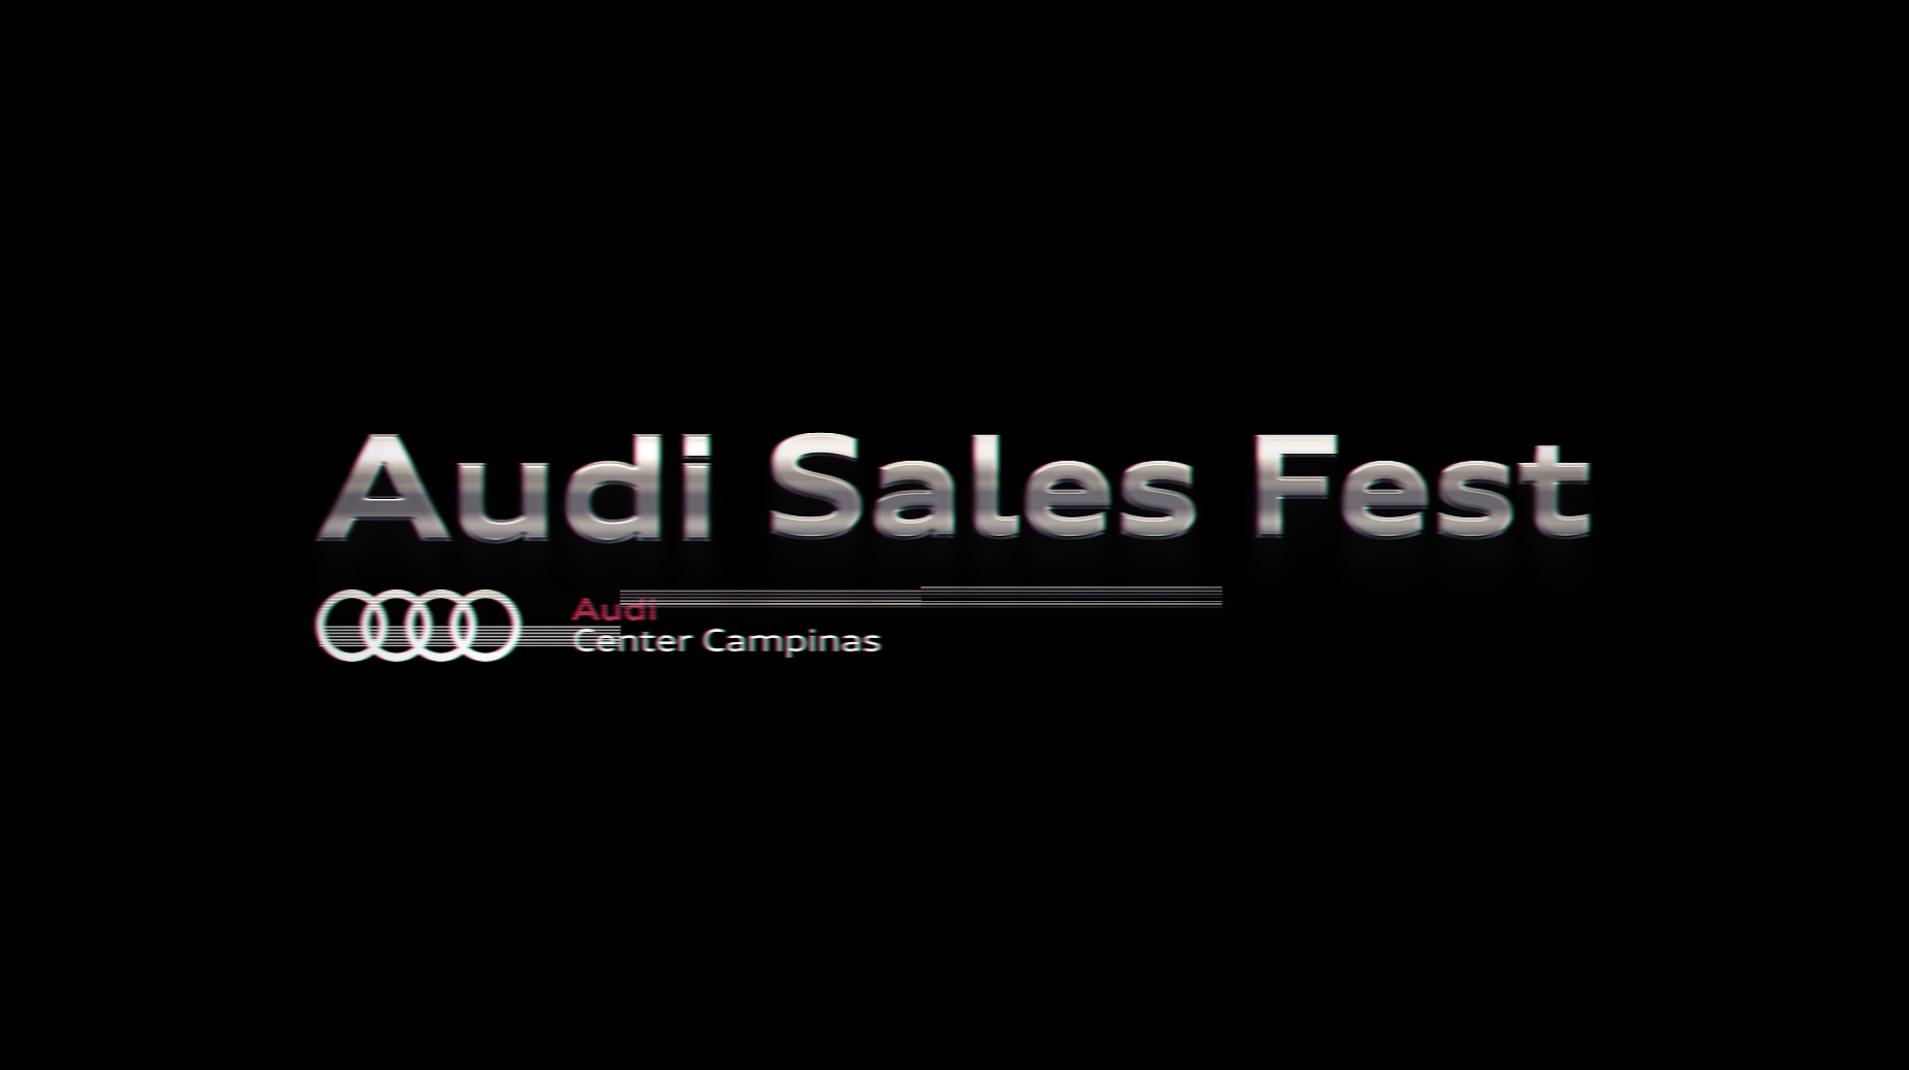 Audi Sales Fest